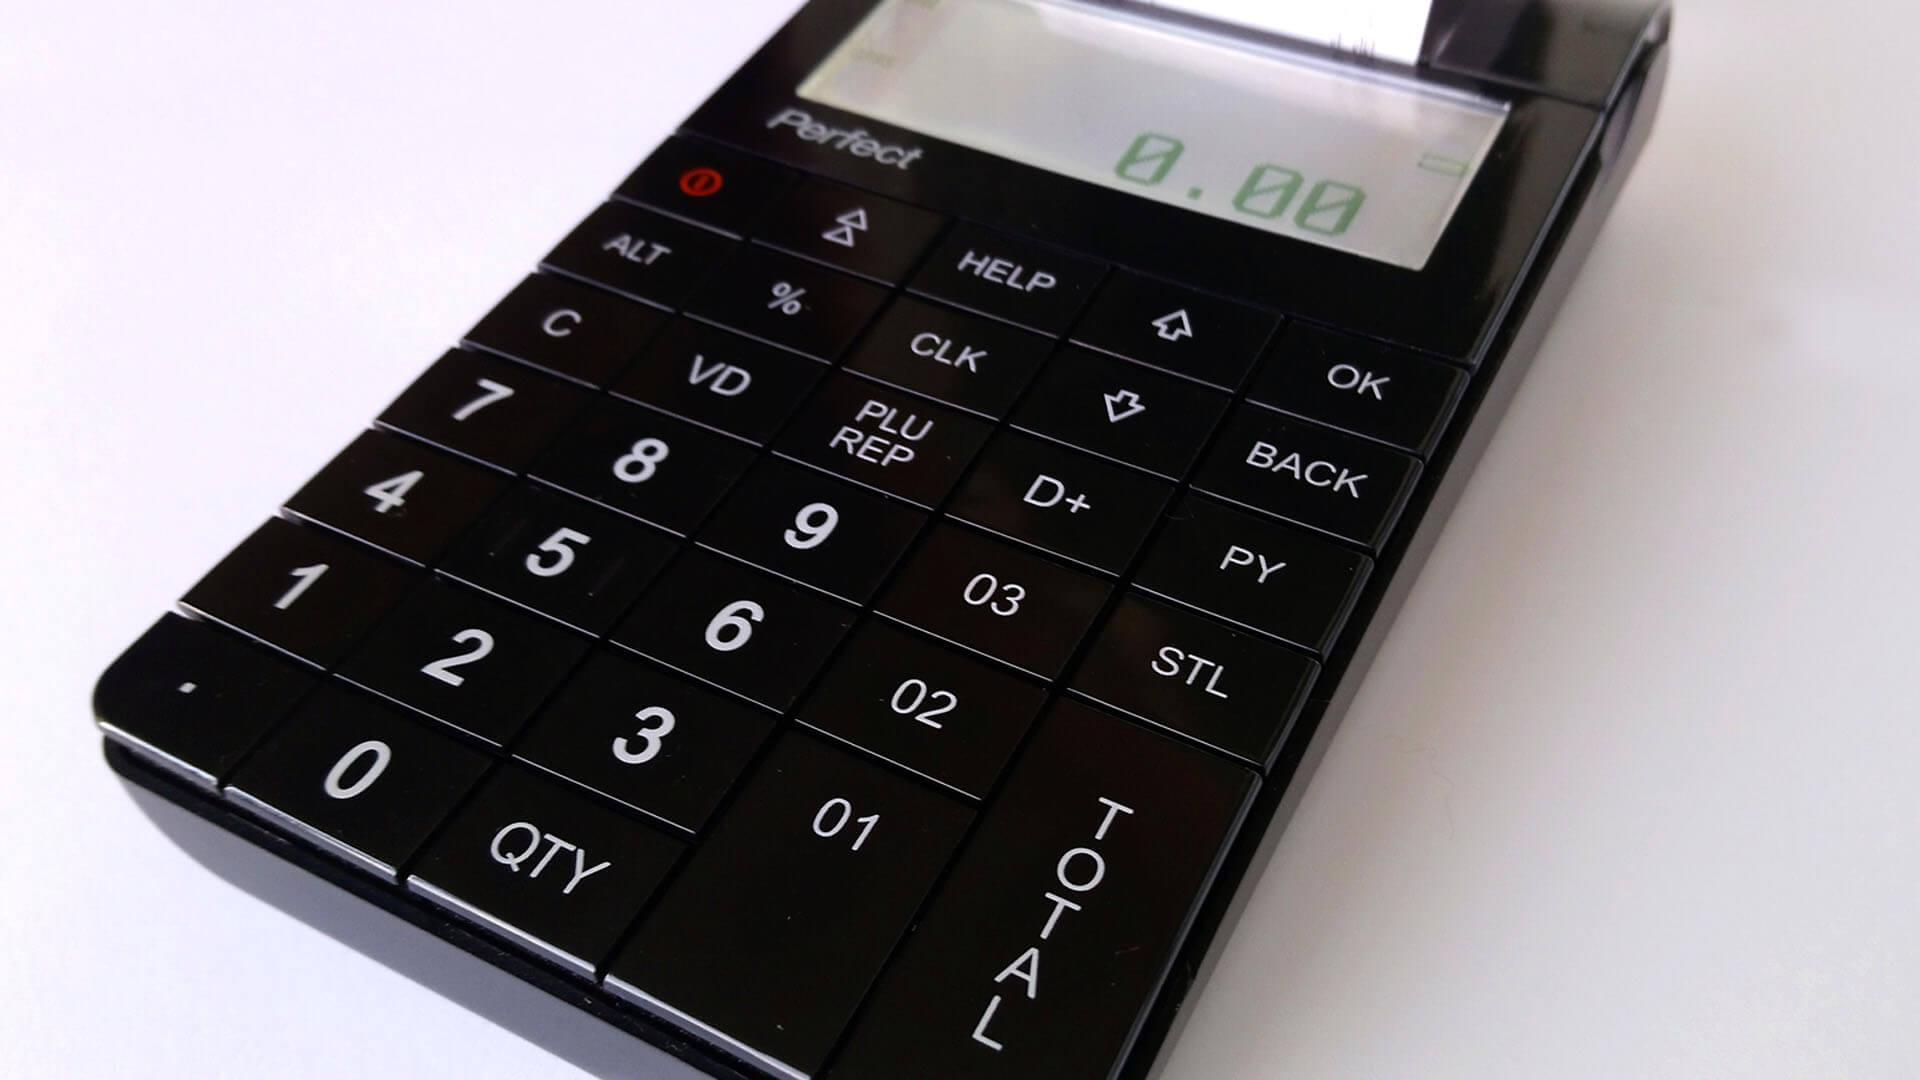 касов апарат daisy perfect s-kl фискално устройство